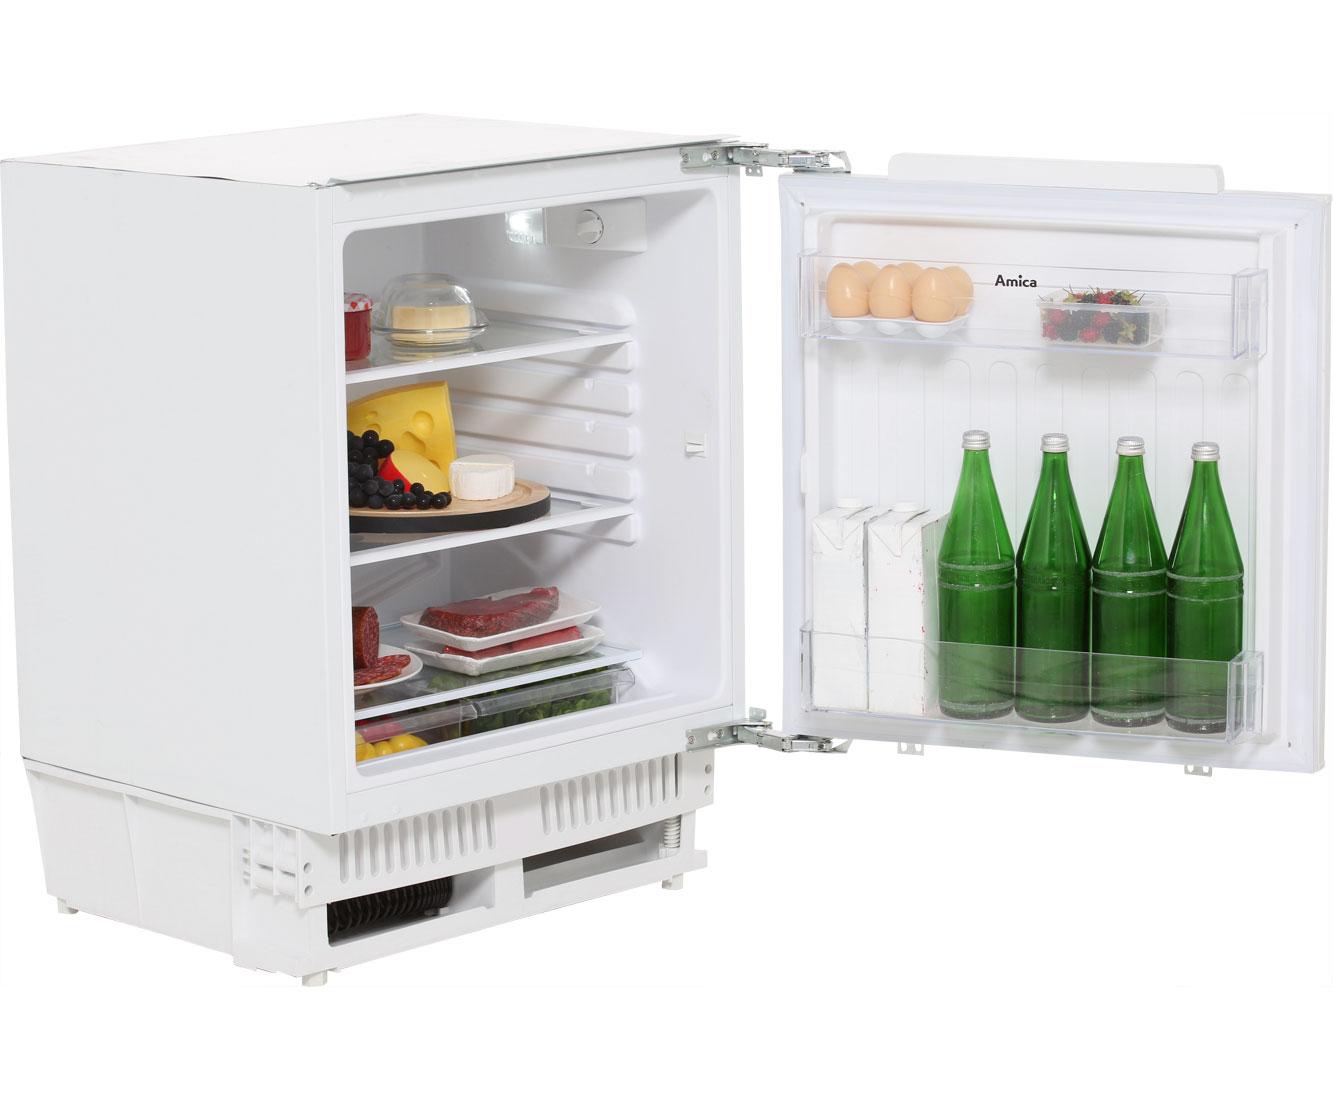 Aeg Unterbau Kühlschrank Dekorfähig : Unterbau kühlschrank preisvergleich u die besten angebote online